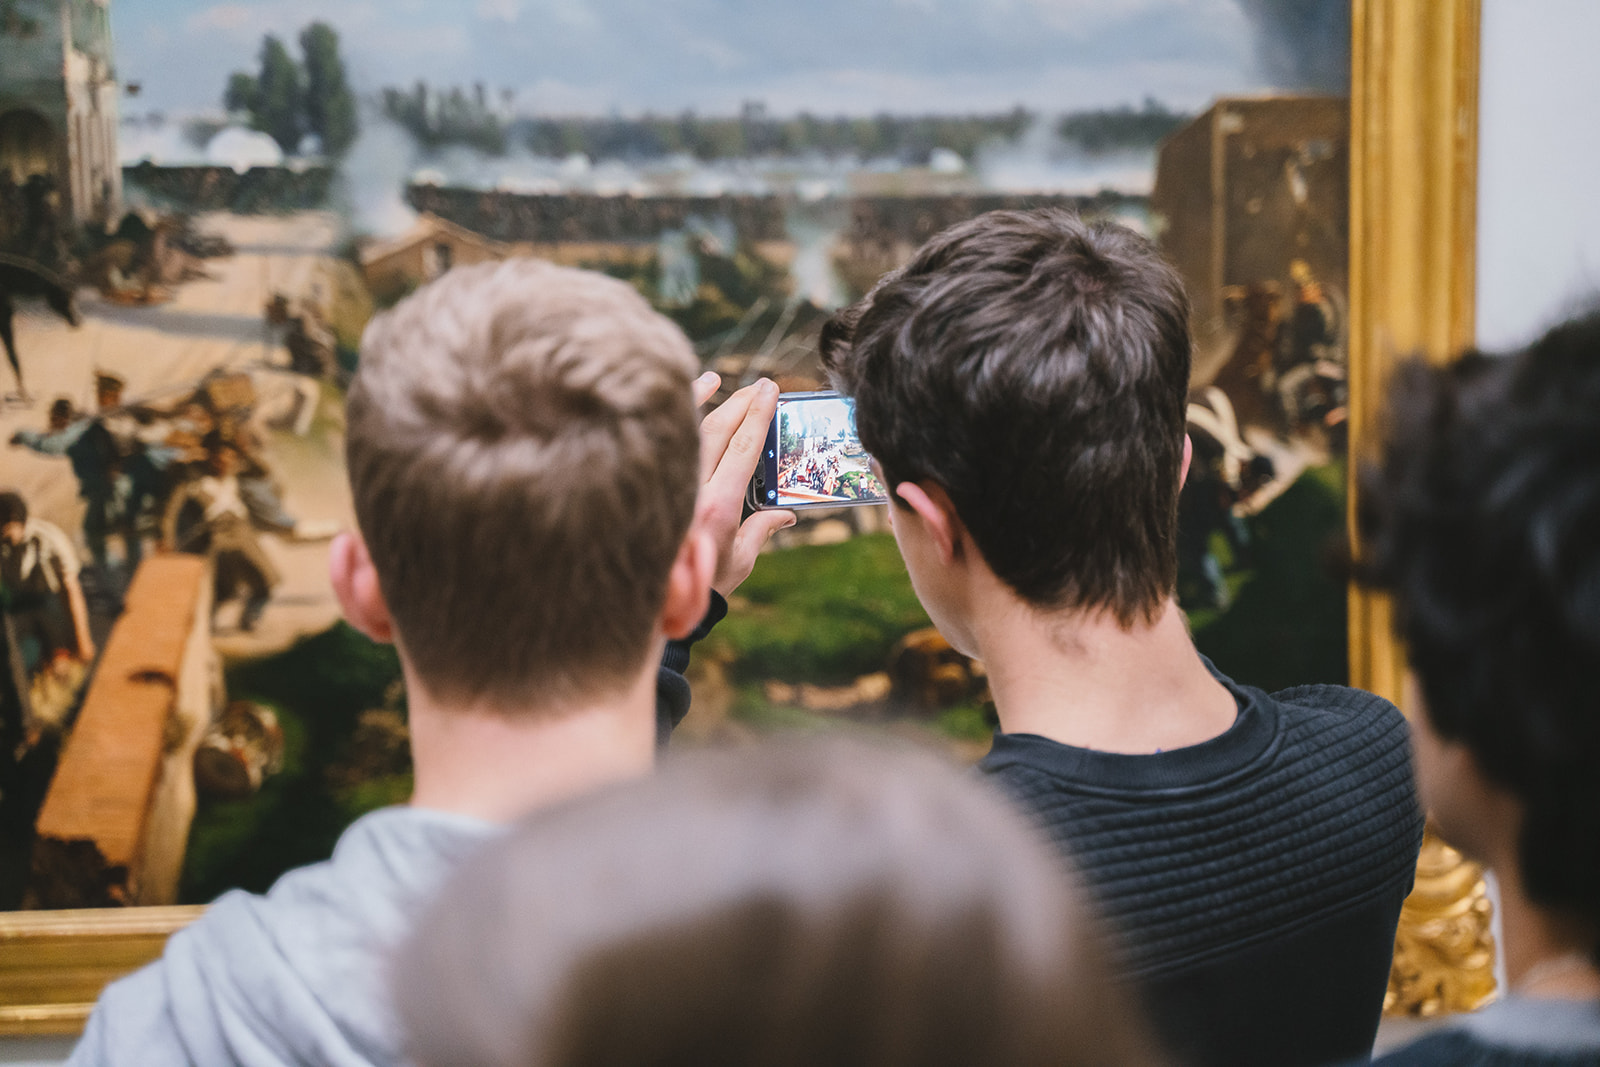 passeggiate fiorentine visite gratuite firenze musei giardini storici fondazione cr firenze